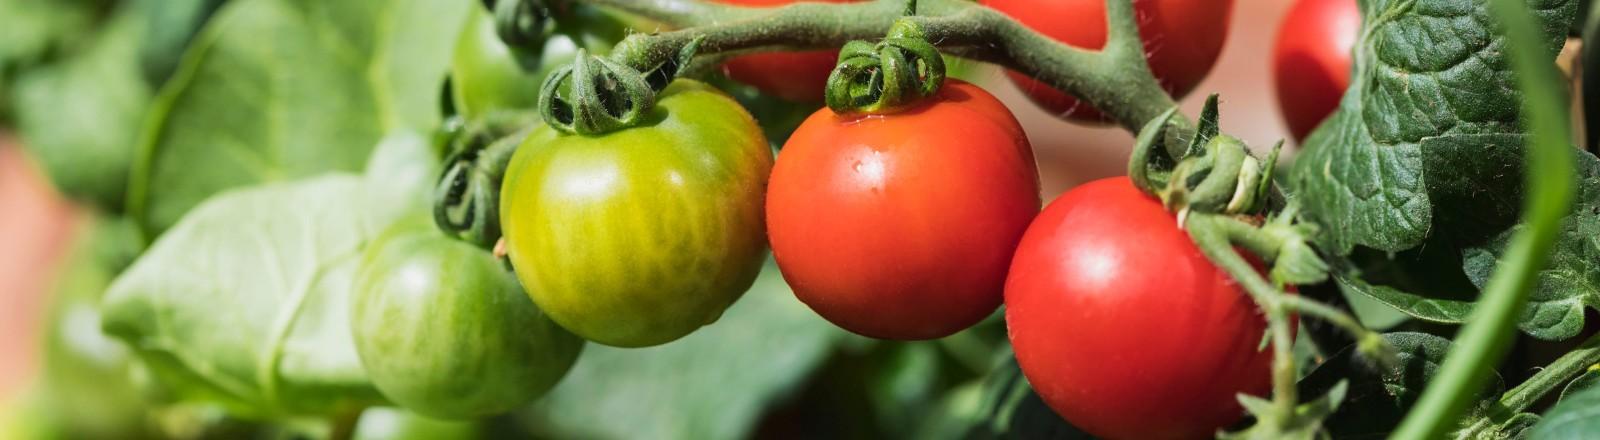 Eine Tomatenstaude mit grünen und roten Tomaten